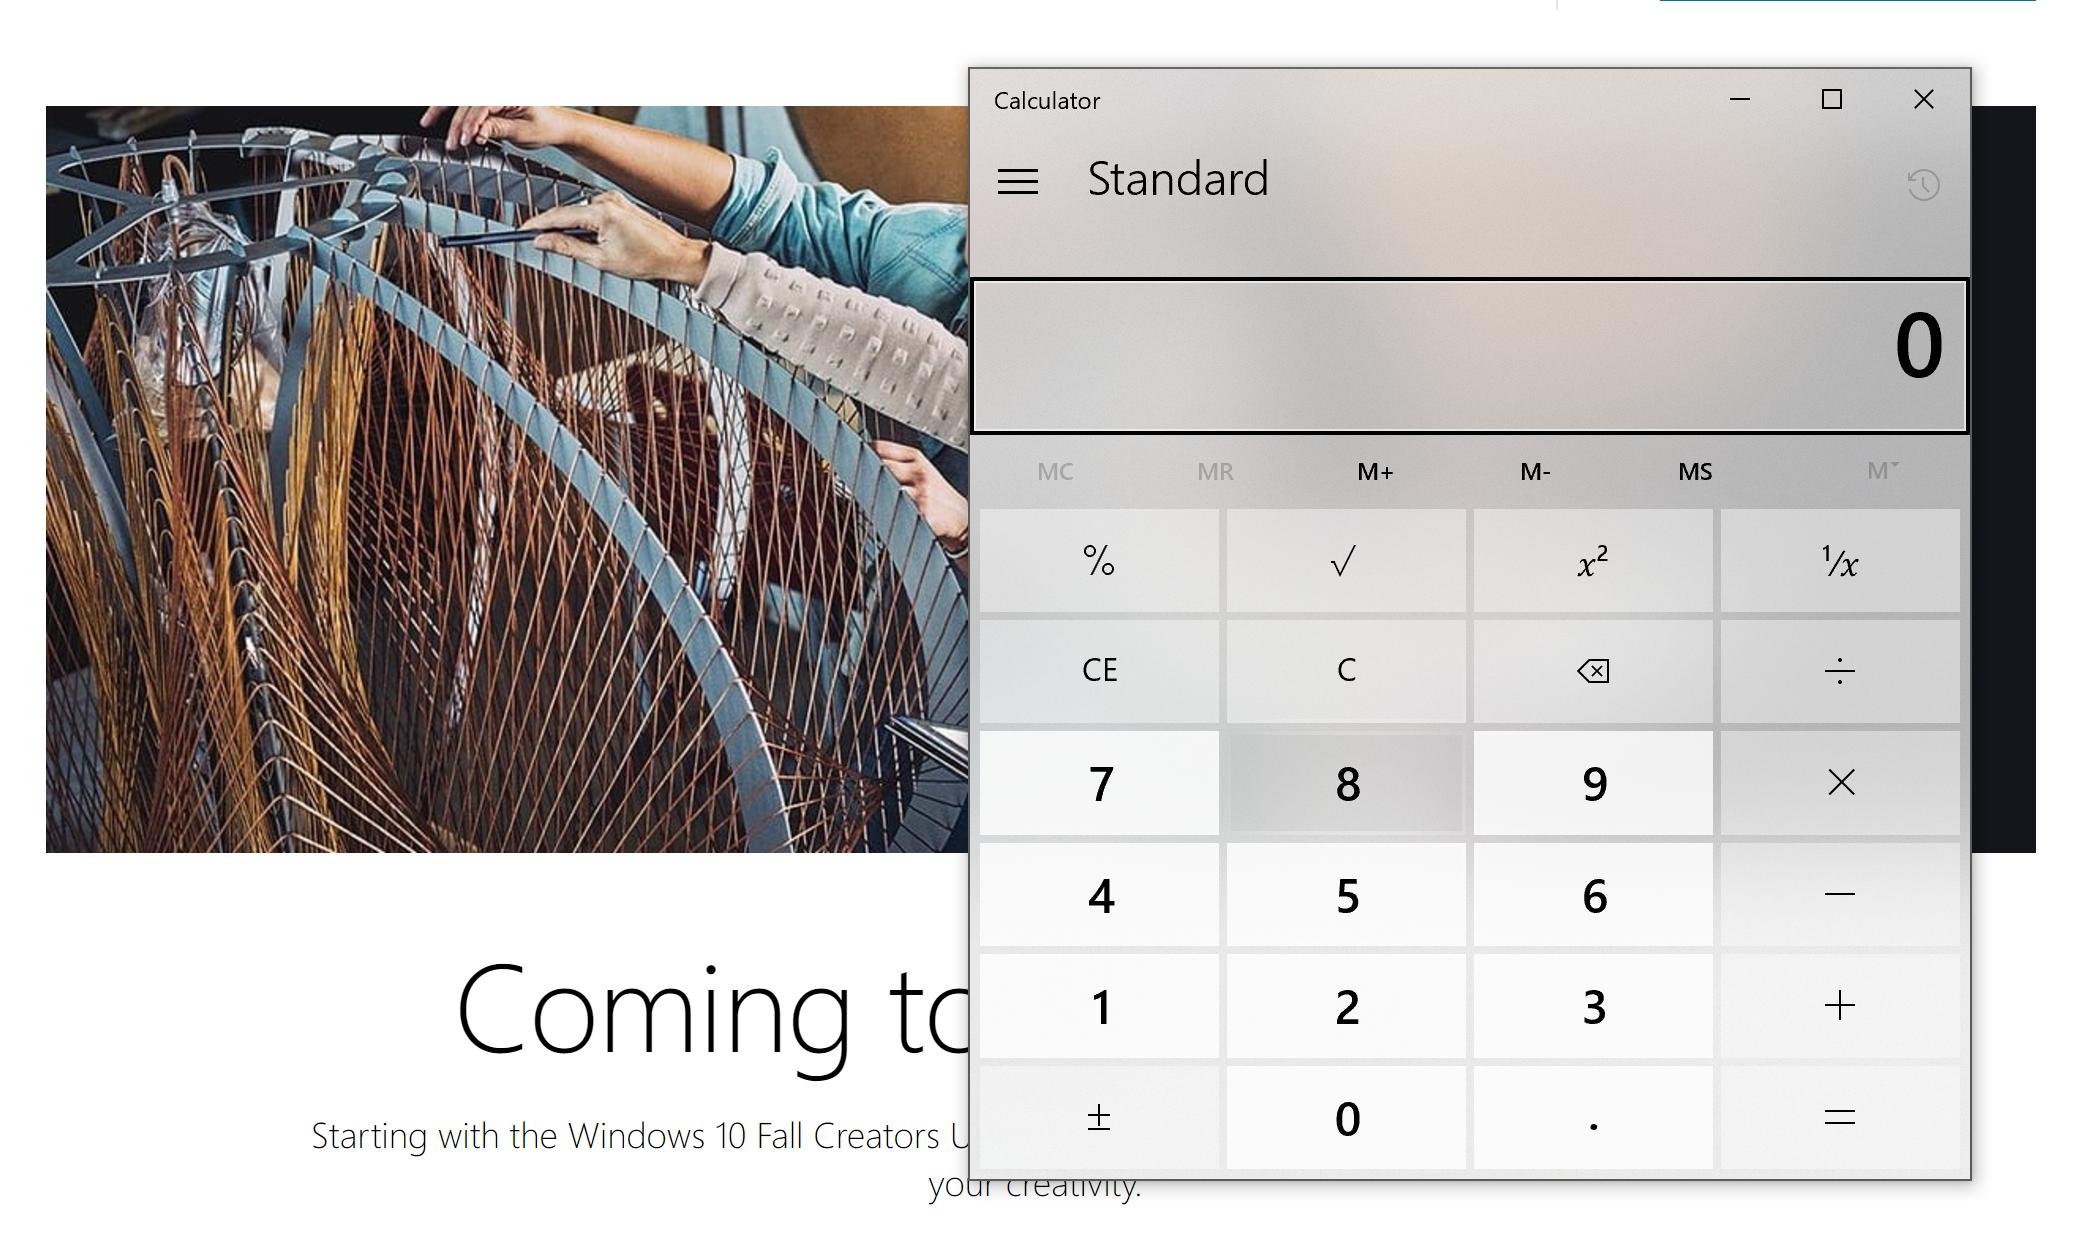 Fluent Design The Windows 10 Fall Creators Update Feature Focus